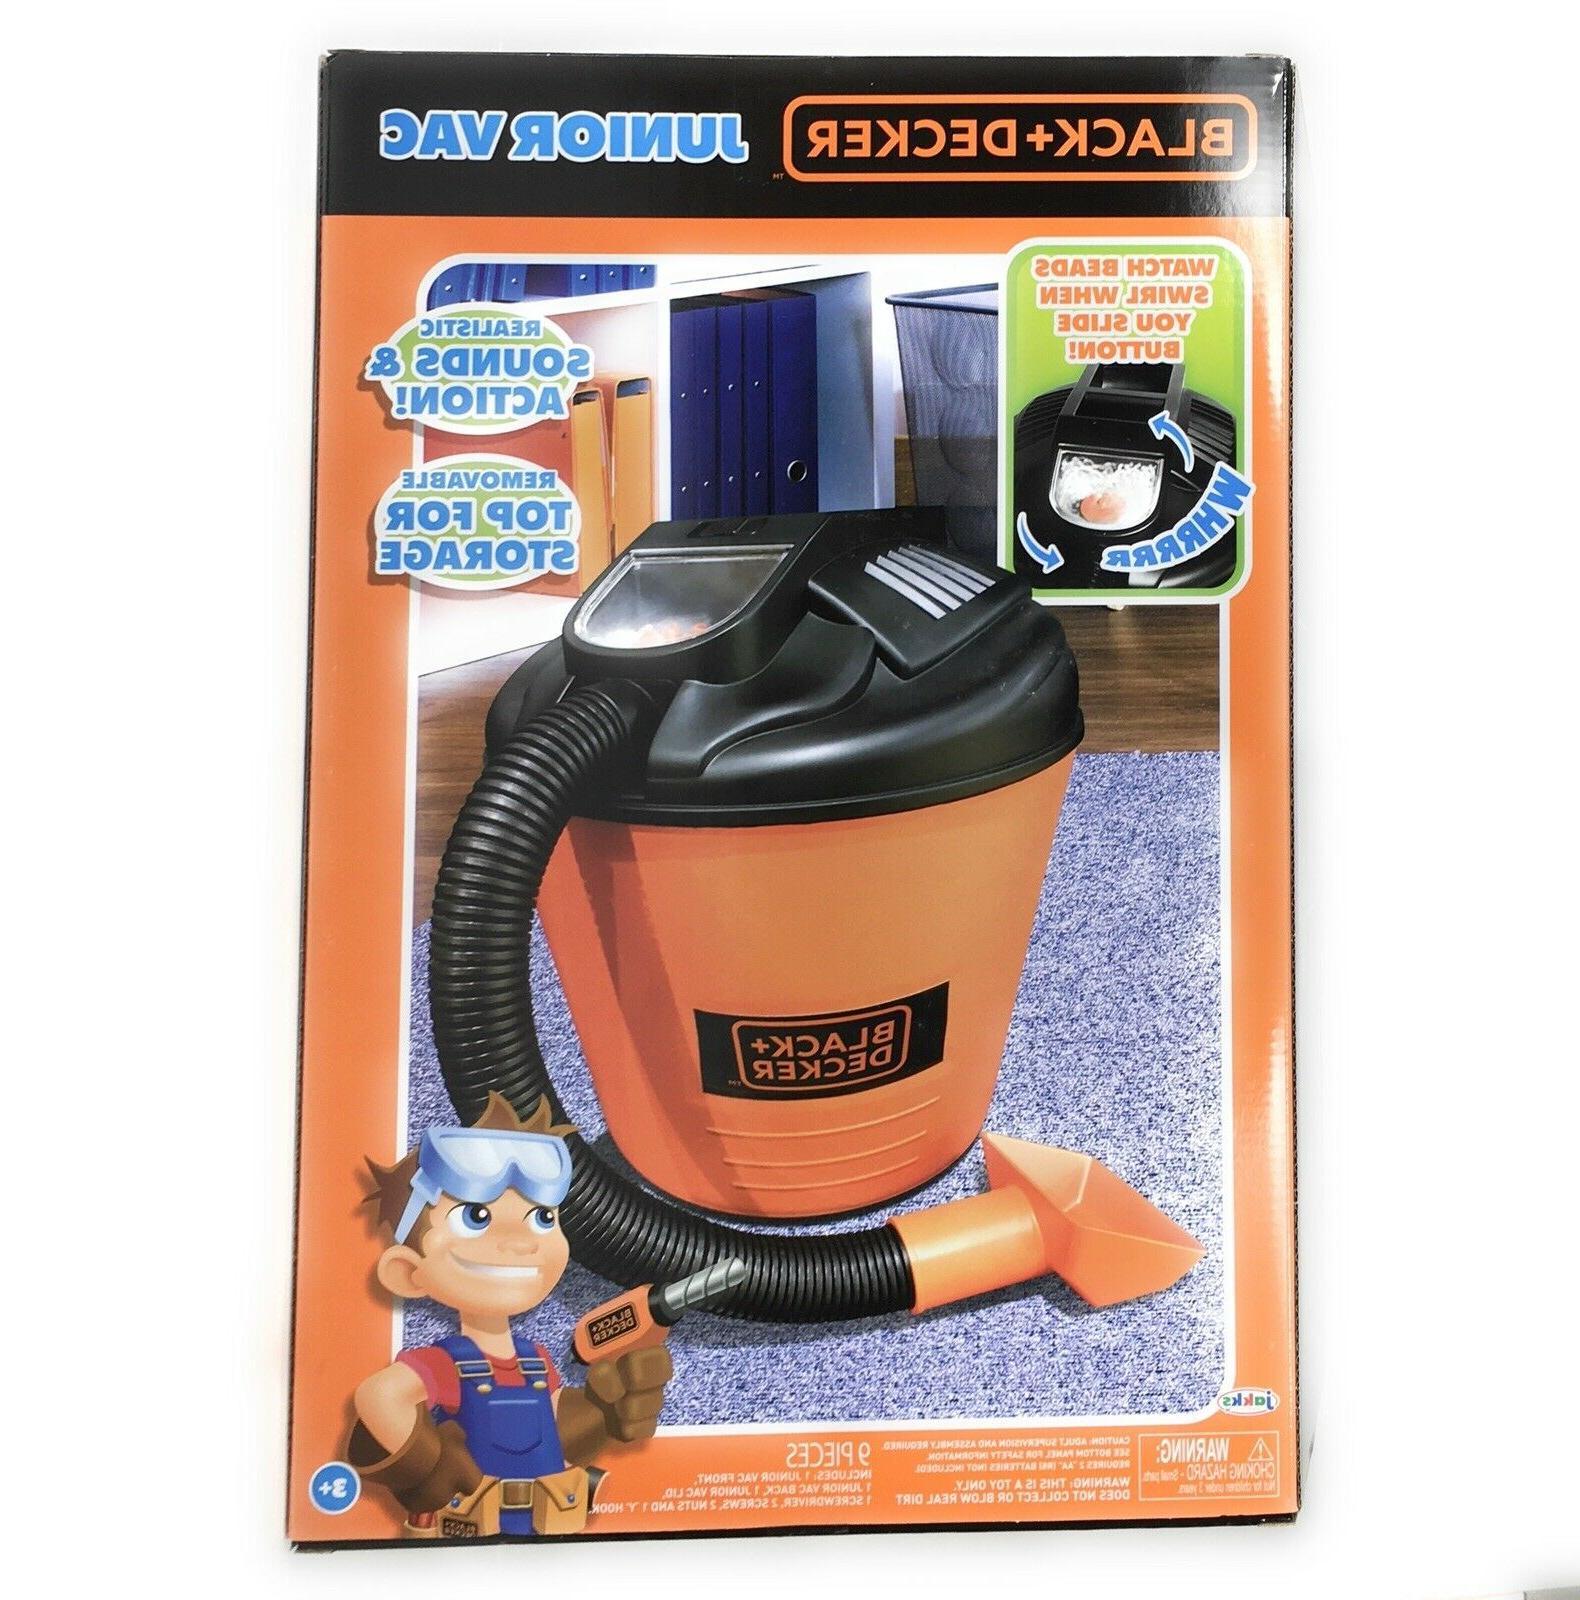 Black Decker Junior Shop Vac Toy - Kids